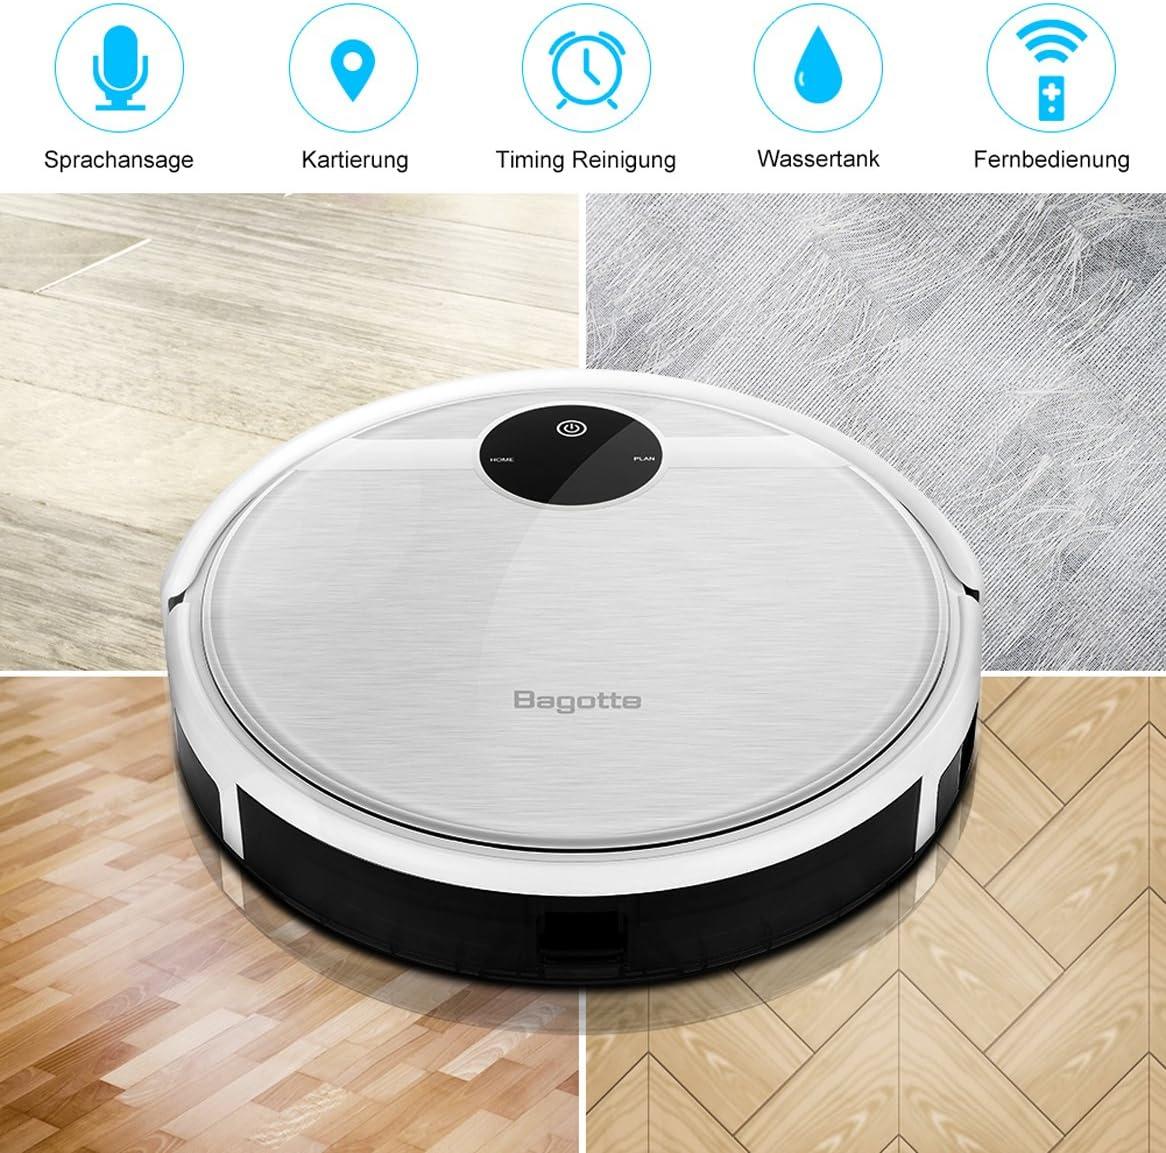 Robot de aspiración Bagotte, 3-en-1, con función limpiadora y cepillos, recarga automática, filtro HEPA 3D, navegación giroscópica. Aspira el pelo de animal y alérgenos, suelos y alfombras plata: Amazon.es: Hogar